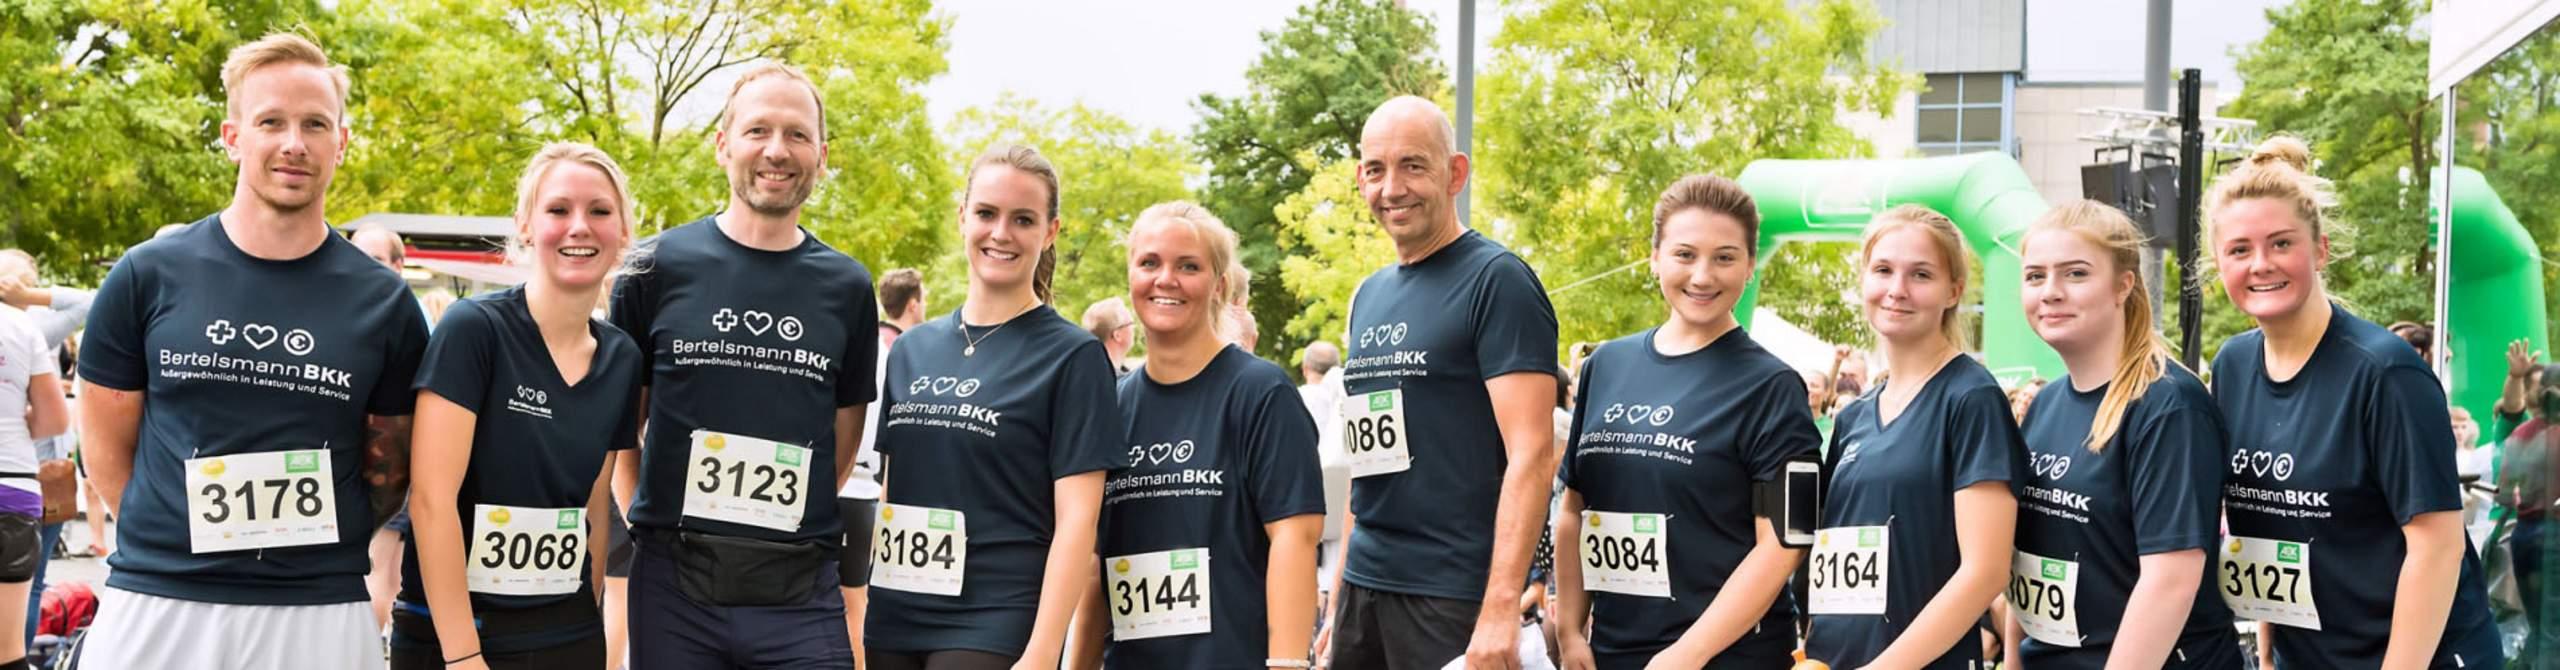 BKK-Laufteam, Foto: Steffen Krinke für Bertelsmann Sport und Gesundheit